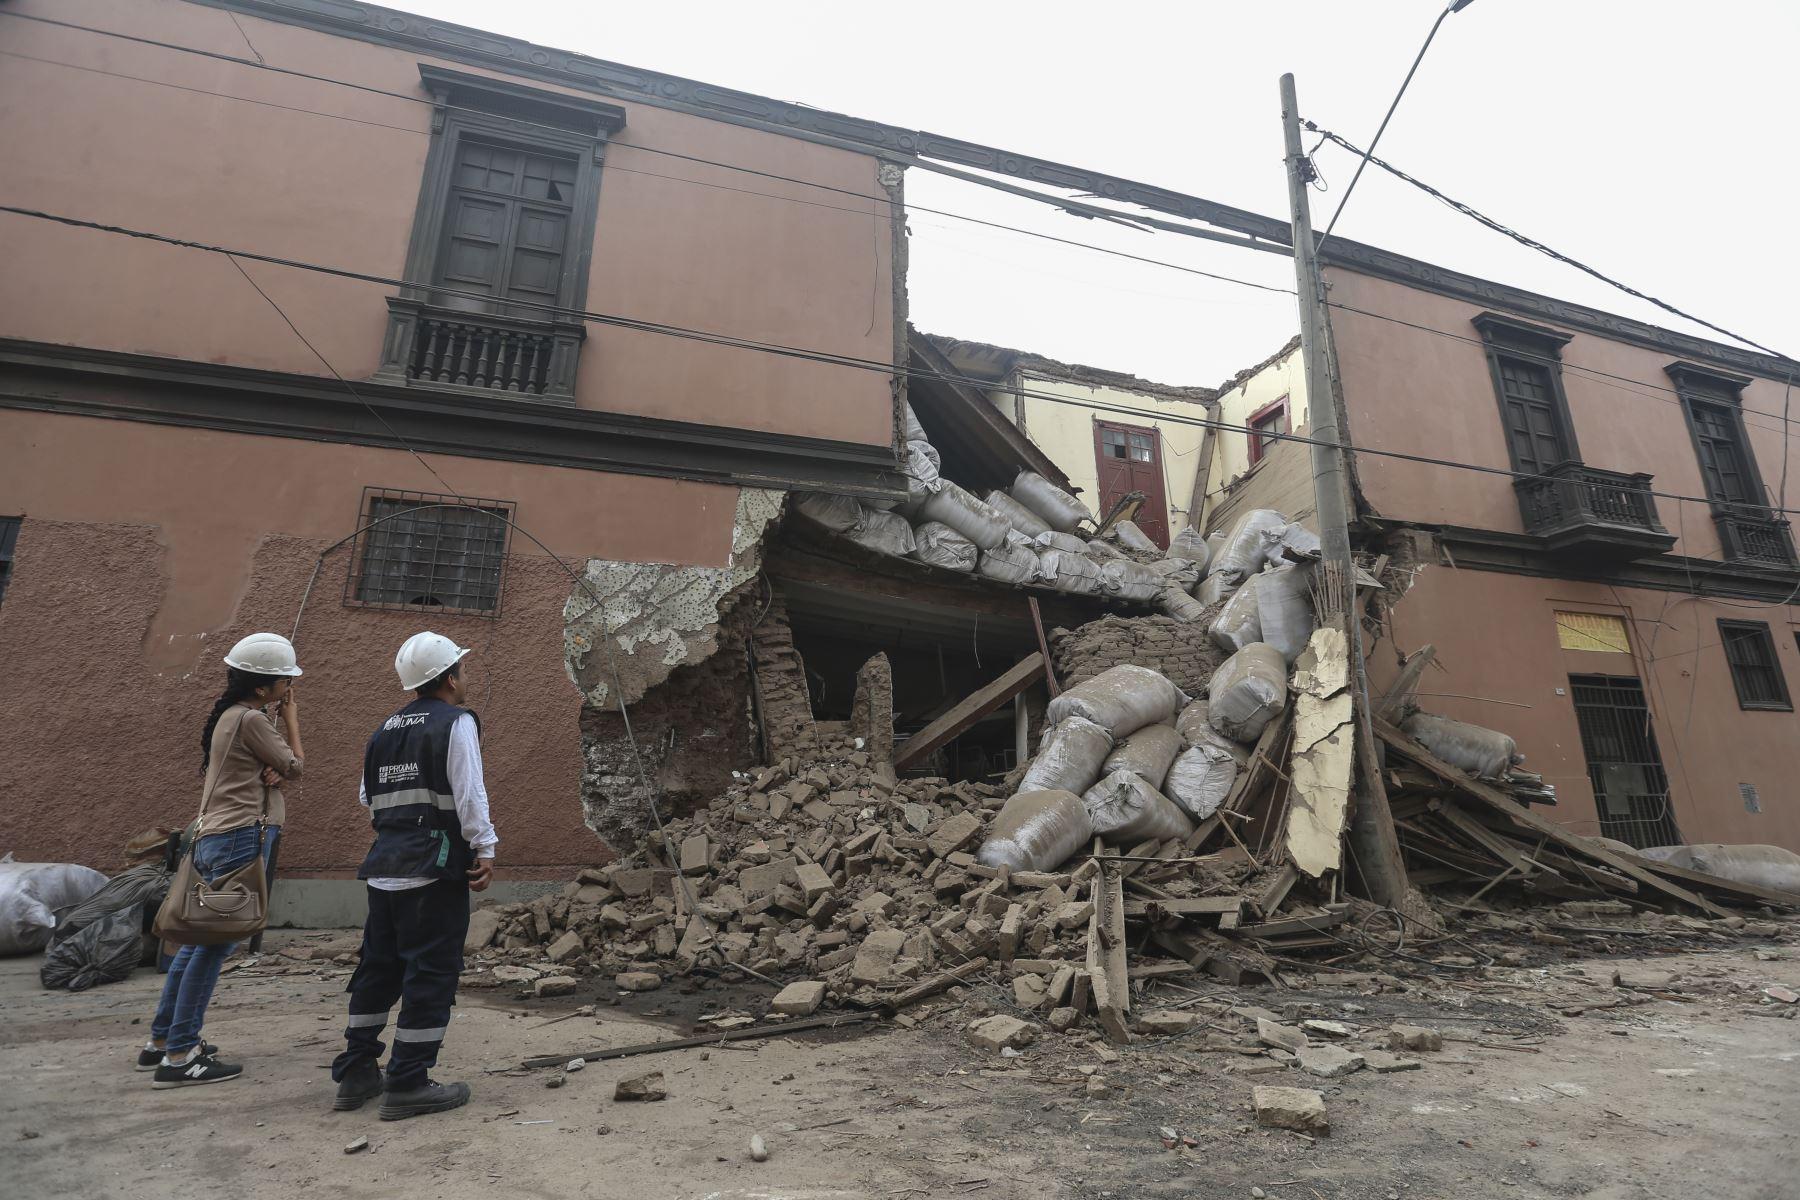 Una casona ubicada en la cuadra 3 del jirón Cotabambas en el Cercado de Lima se derrumbó debido al exceso de peso colocado en su interior. Foto: ANDINA/Jhonel Rodríguez Robles